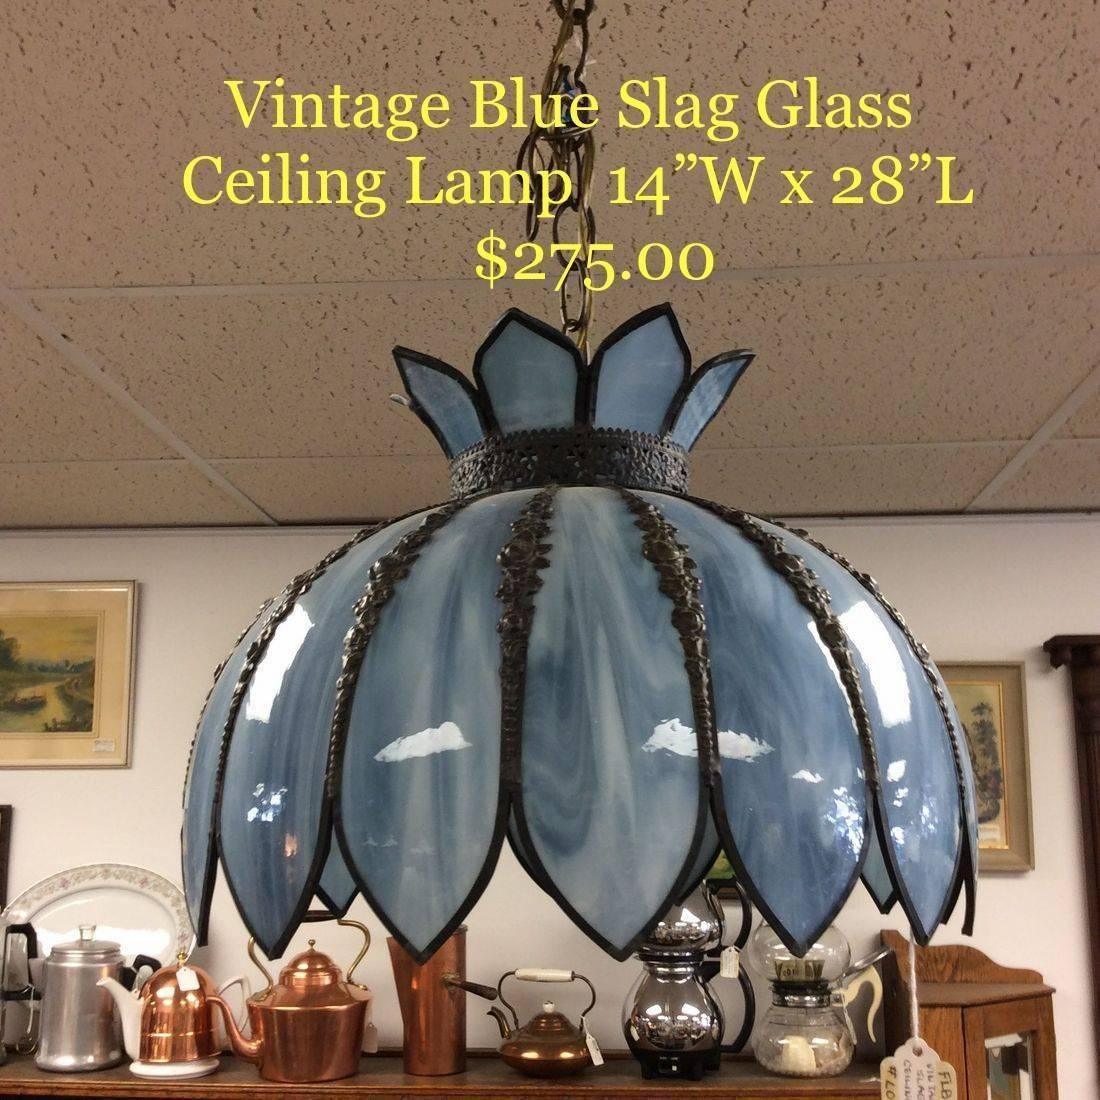 Vintage Blue Slag Glass Ceiling Light